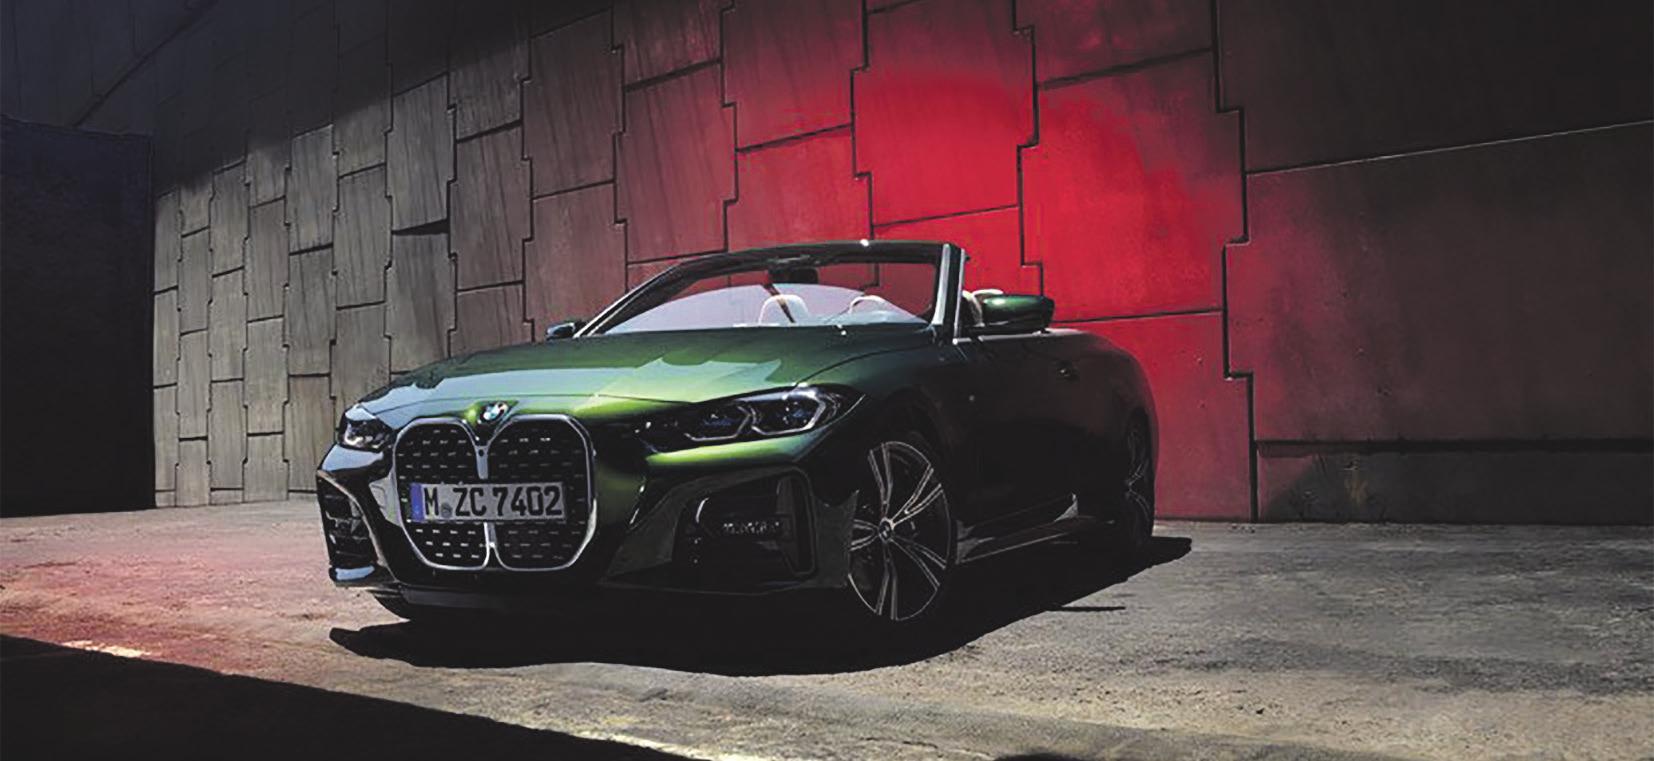 Fahrfreude garantiert im BMW M 440i x Drive Cabrio *(Abbildung zeigt Sonderausstattungen). Foto: BMW *Kraftstoffverbrauch kombiniert in l/100 km: 7,4-6,9 (NEFZ)/8,4-7,8 (WLTP); CO2-Emissionen in g/km: 169-159 (NEFZ)/192-177 (WLTP)